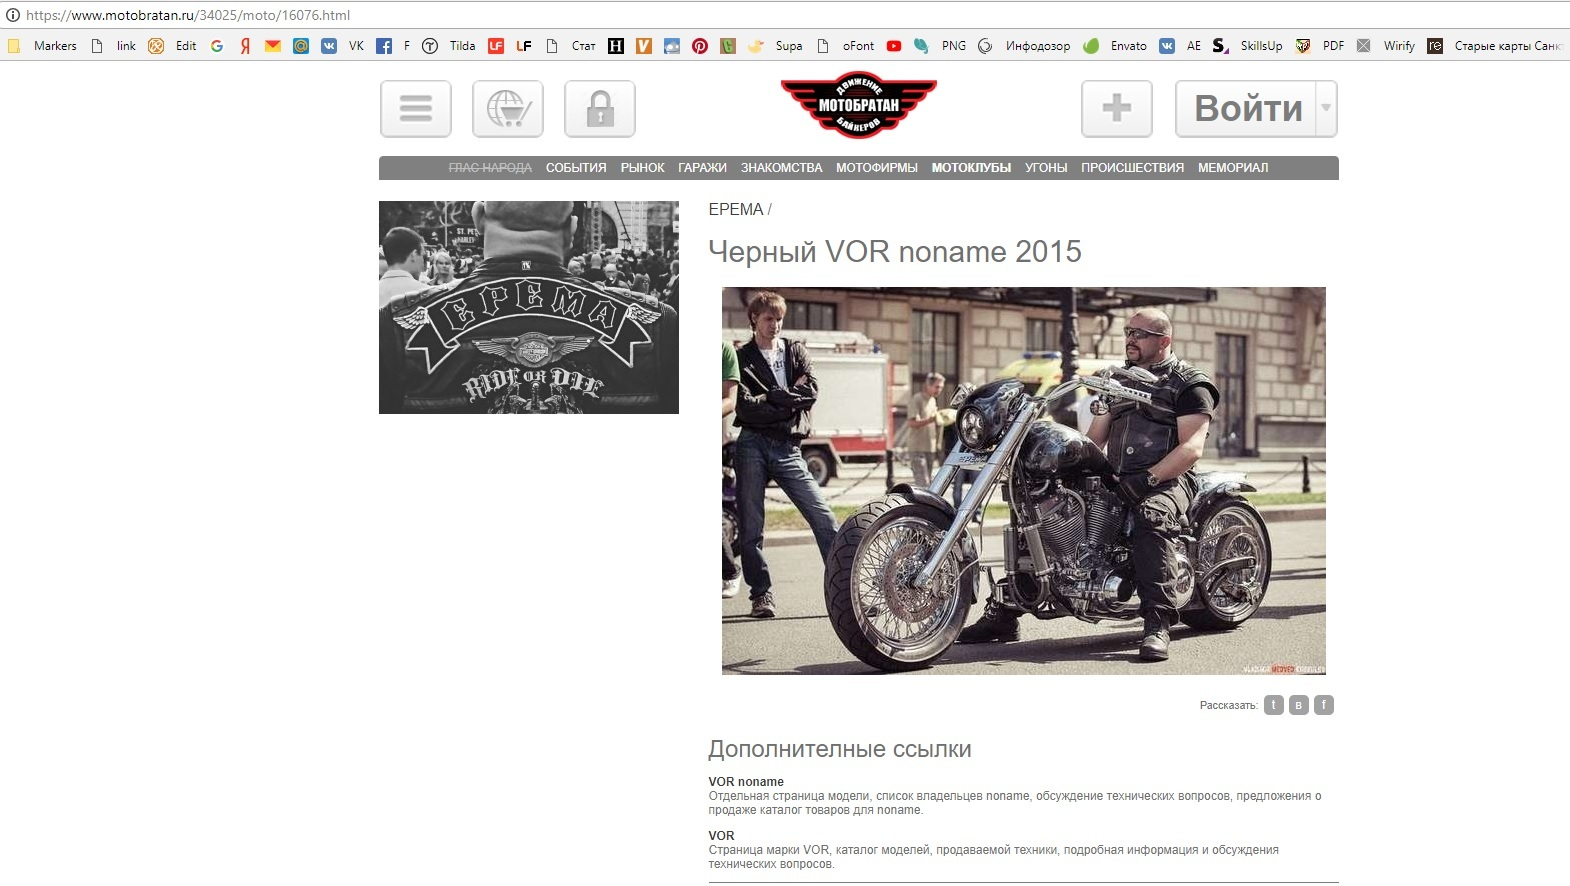 """Байкер Ерема, известный по делу о пропавшем трубопроводе """"Газпрома"""", арестован. За Luger и пулю в полицейского (Иллюстрация 2 из 2) (Фото: скриншот с сайта www.motobratan.ru)"""